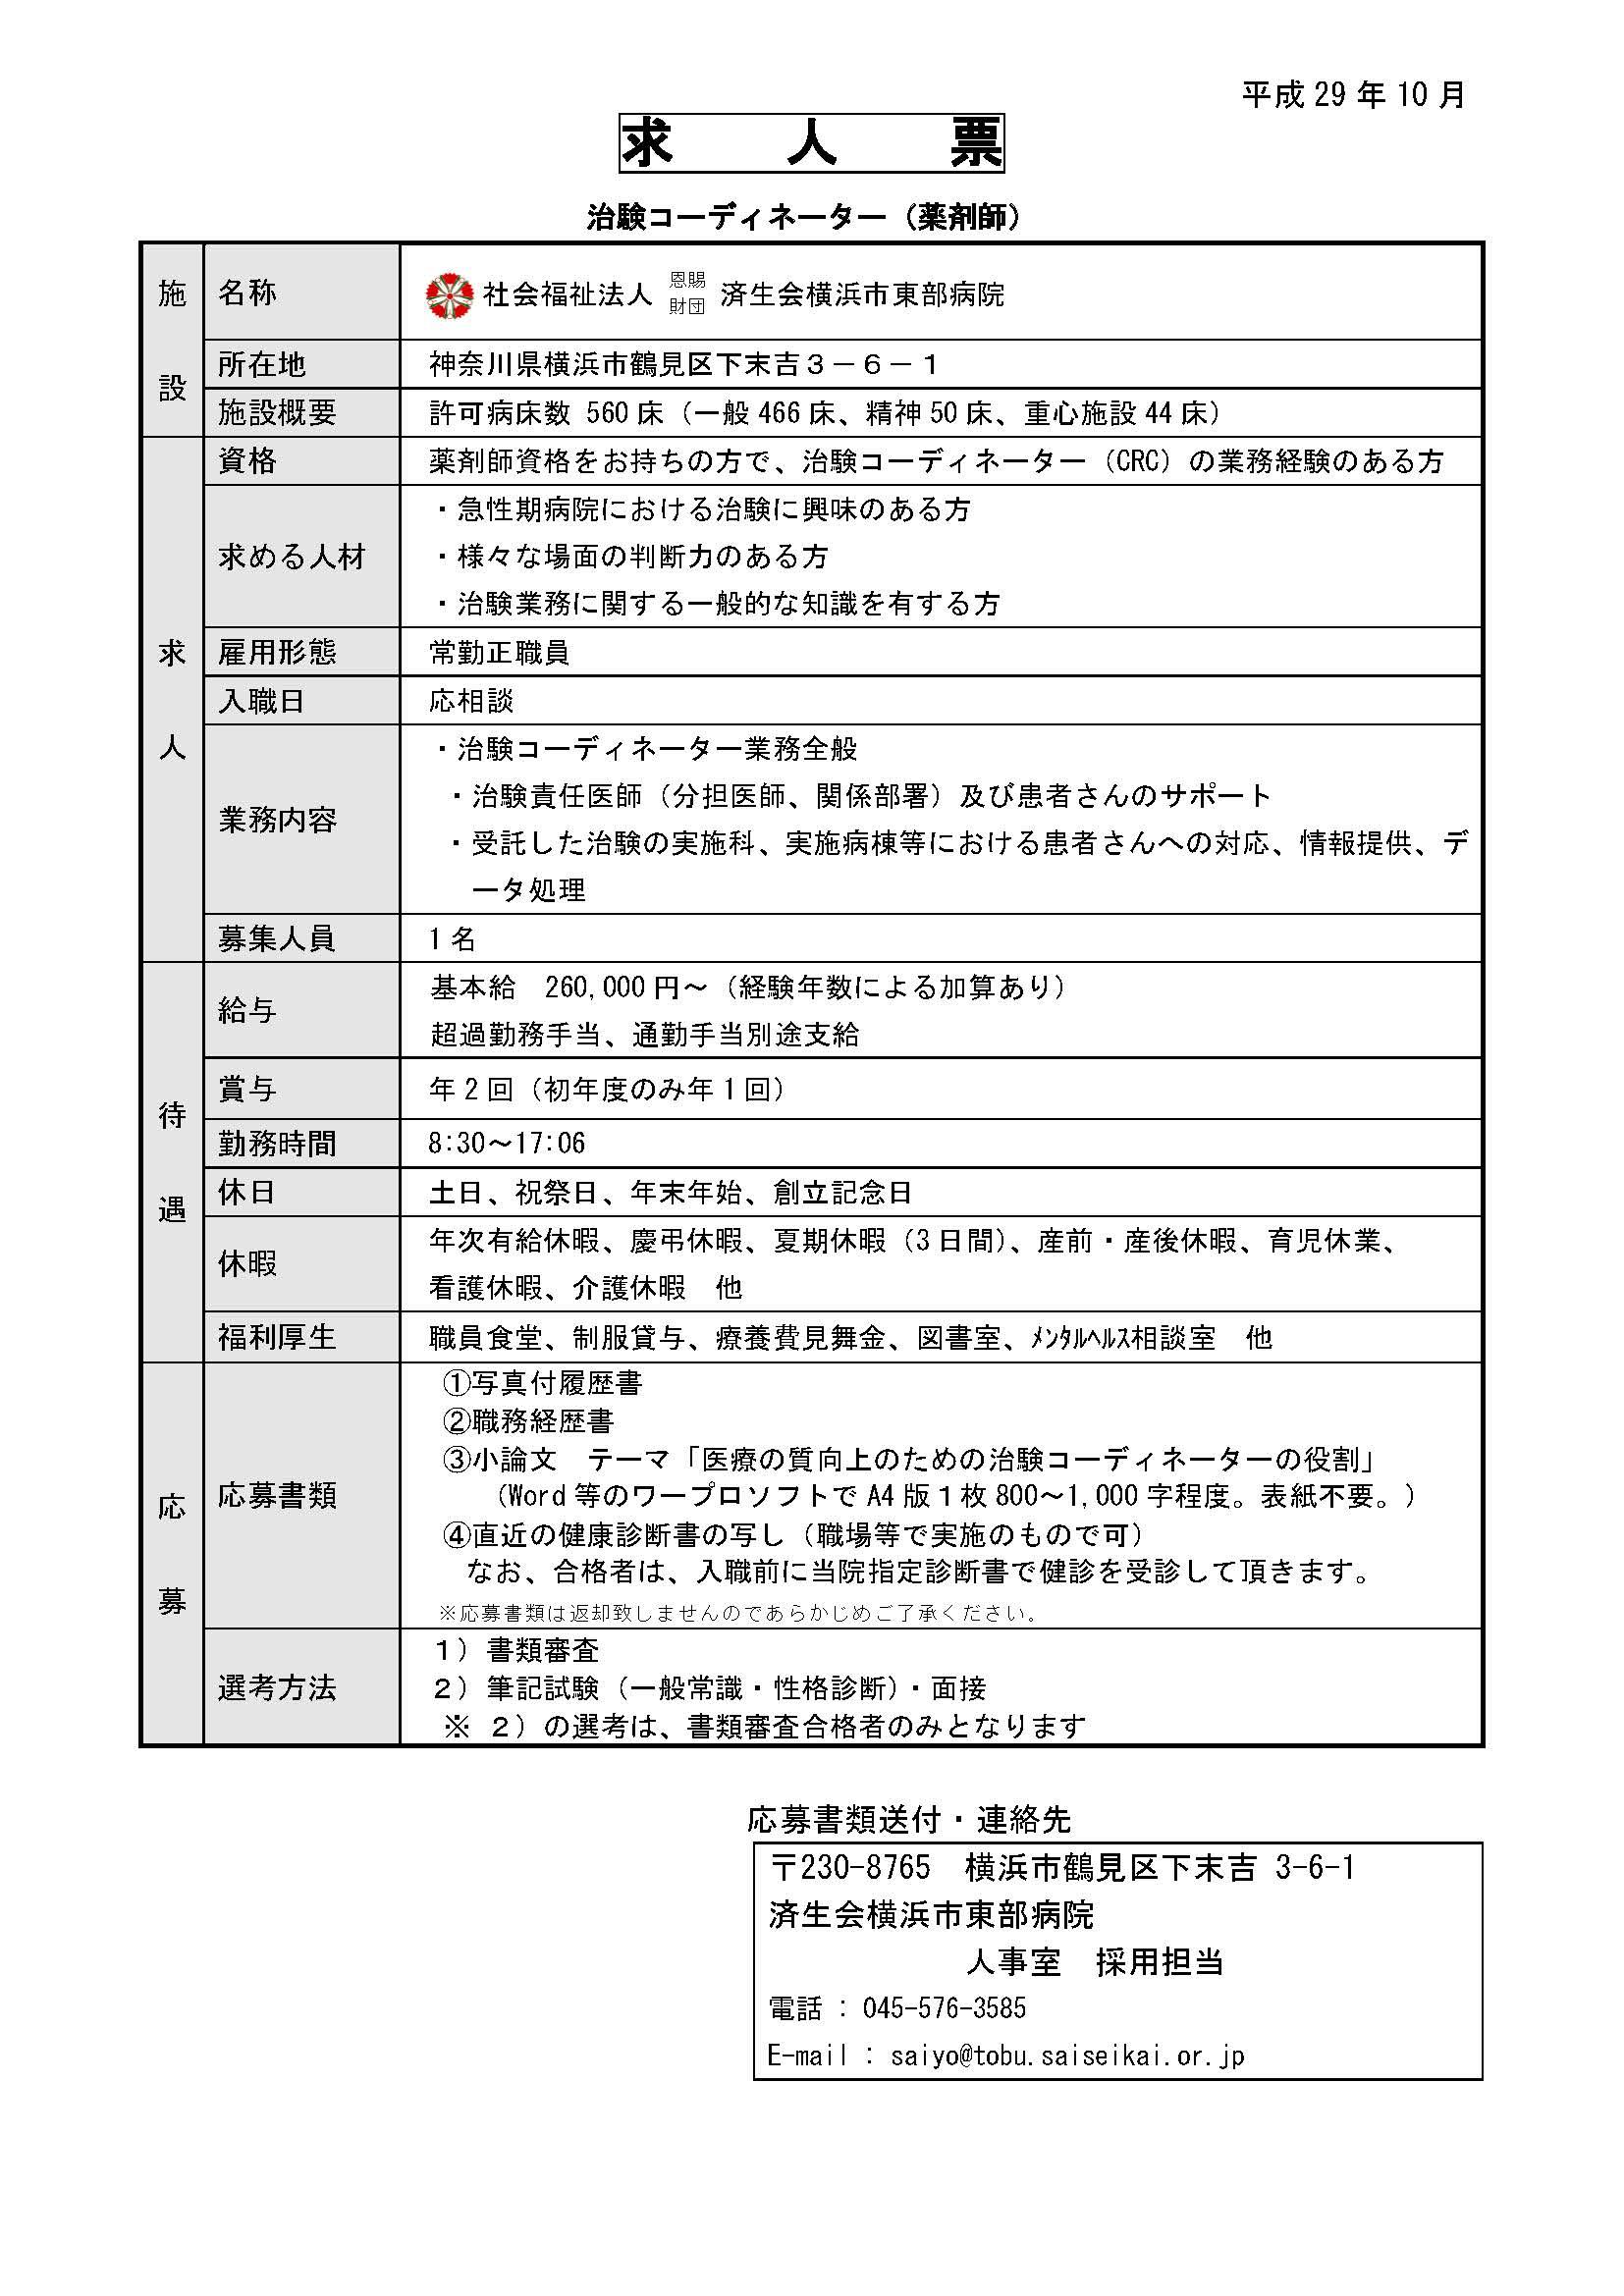 (求人票)治験コーディネーター【病院】20171011